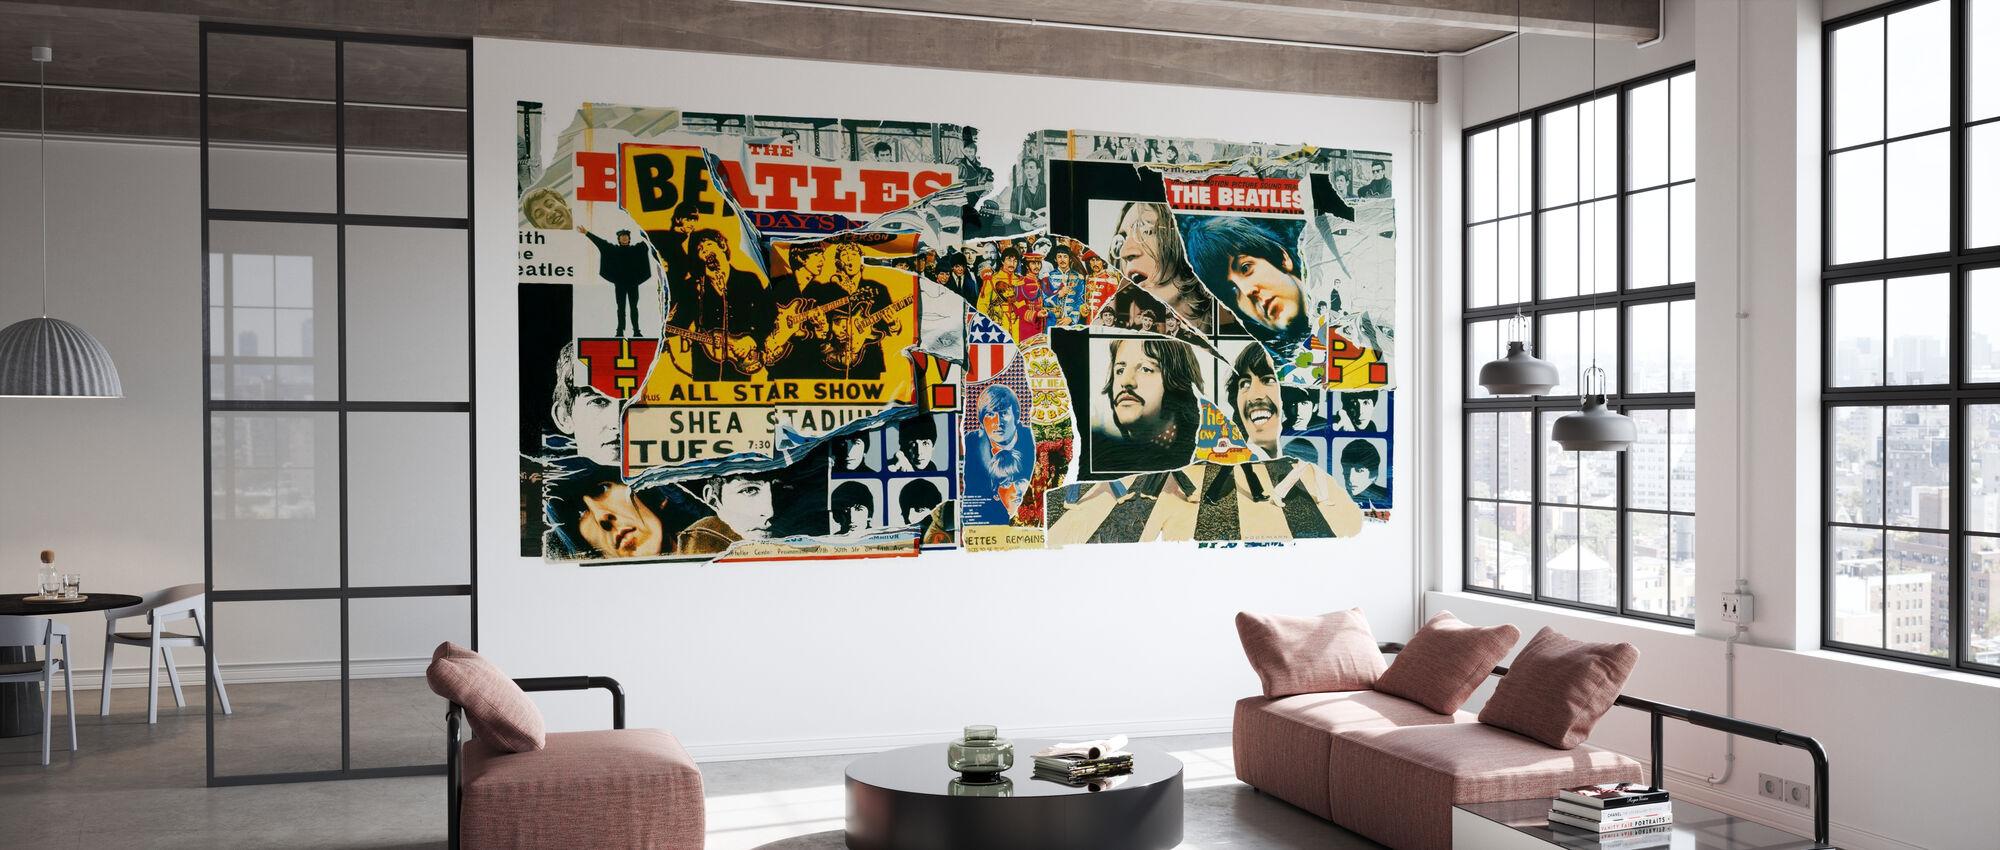 Beatles - Vintage Posters - Wallpaper - Office